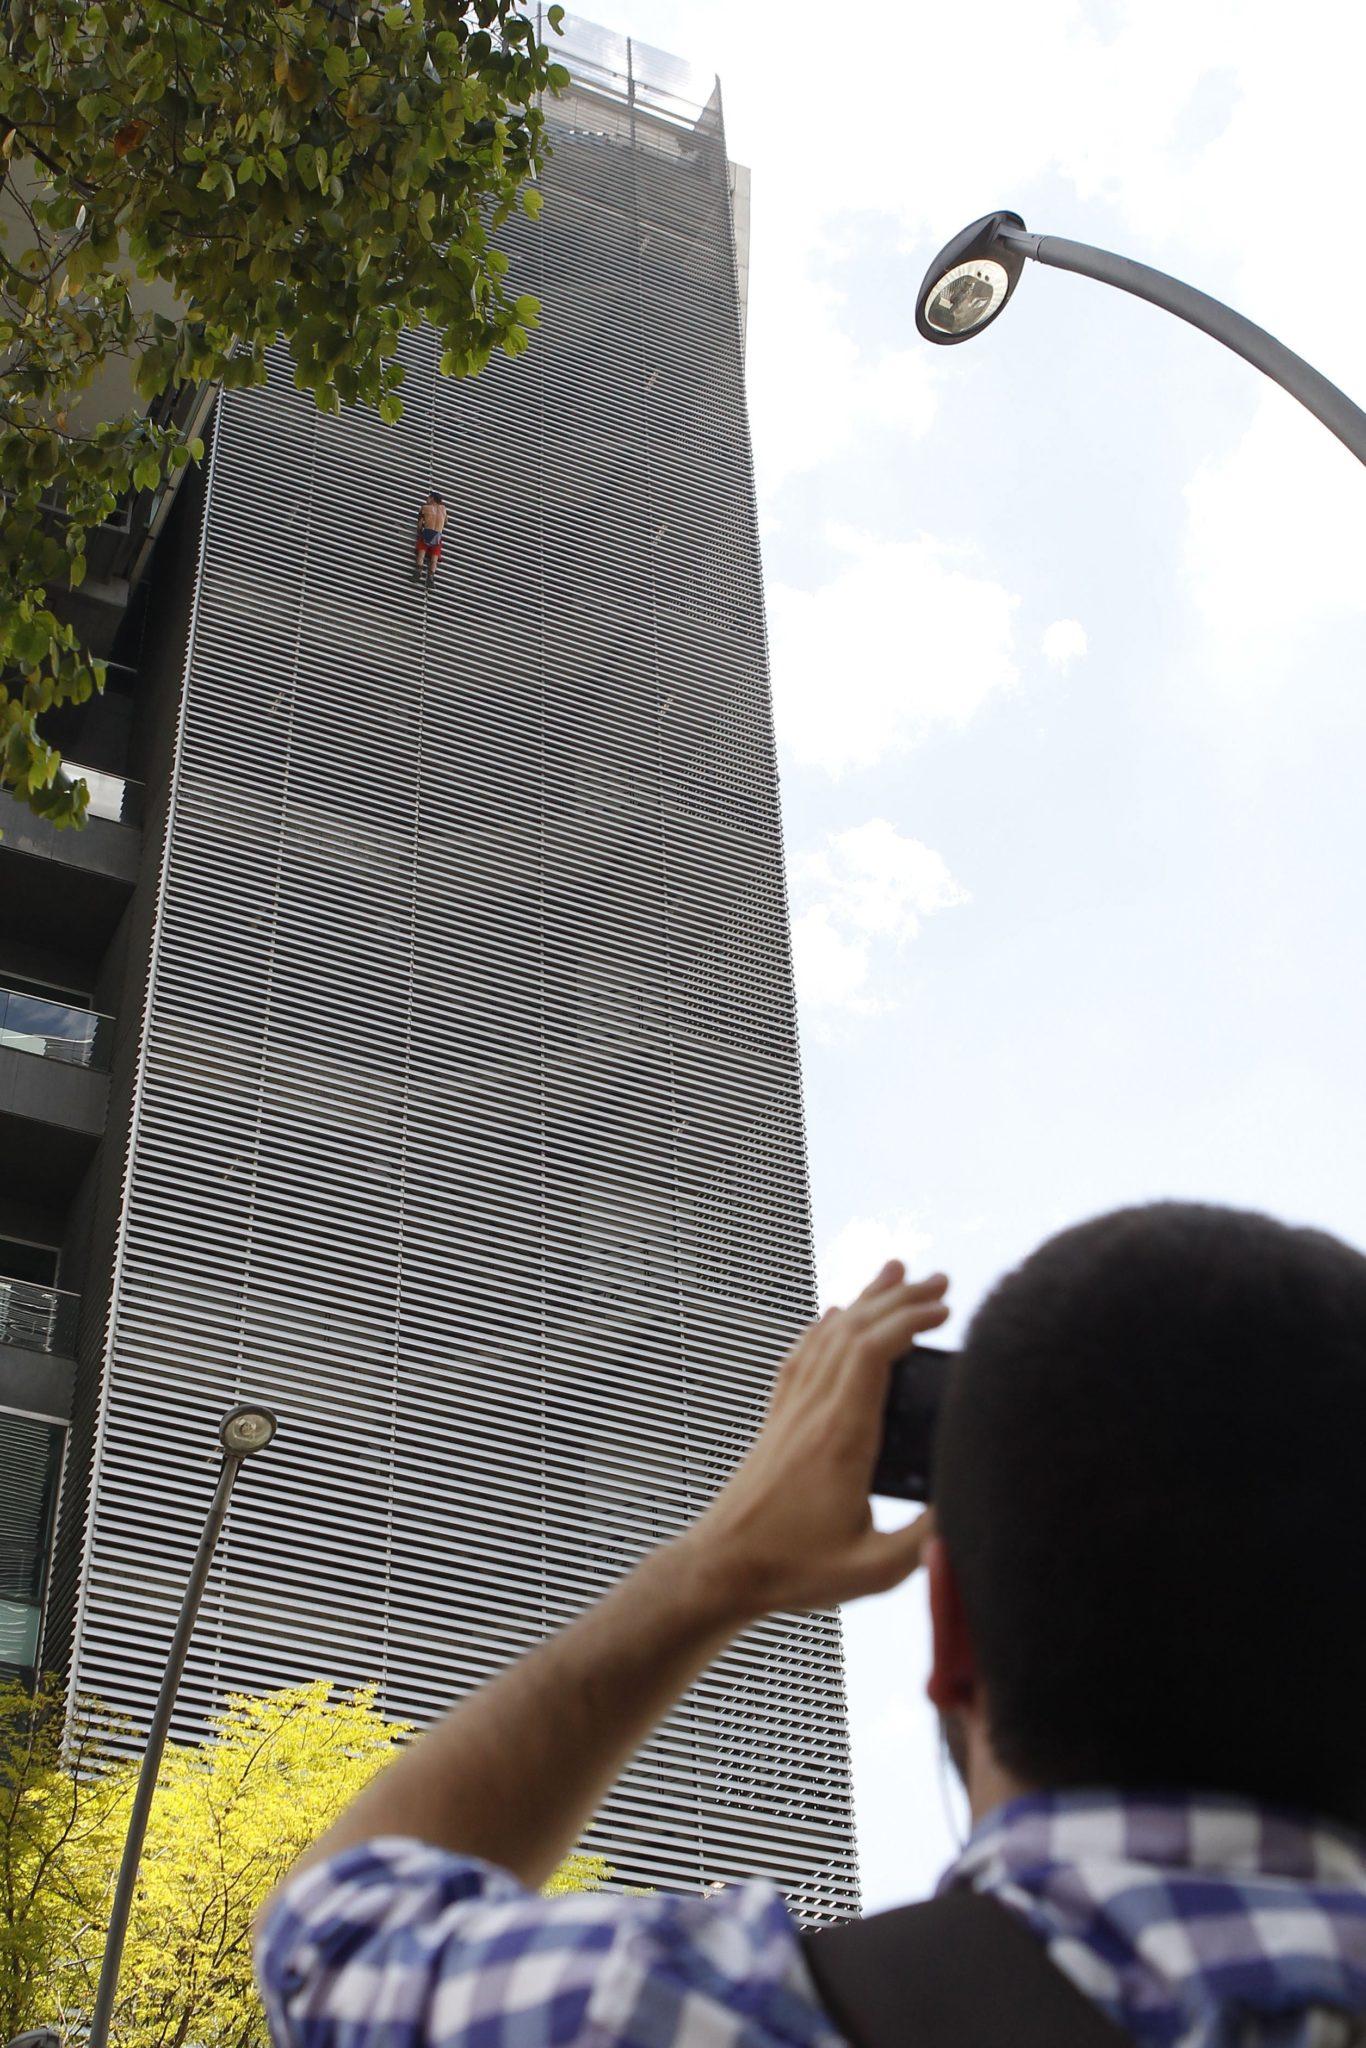 Rosyjski wspinacz Pavel Gogulan wspina się, bez ochrony, na budynek w Medellin, w Kolumbii